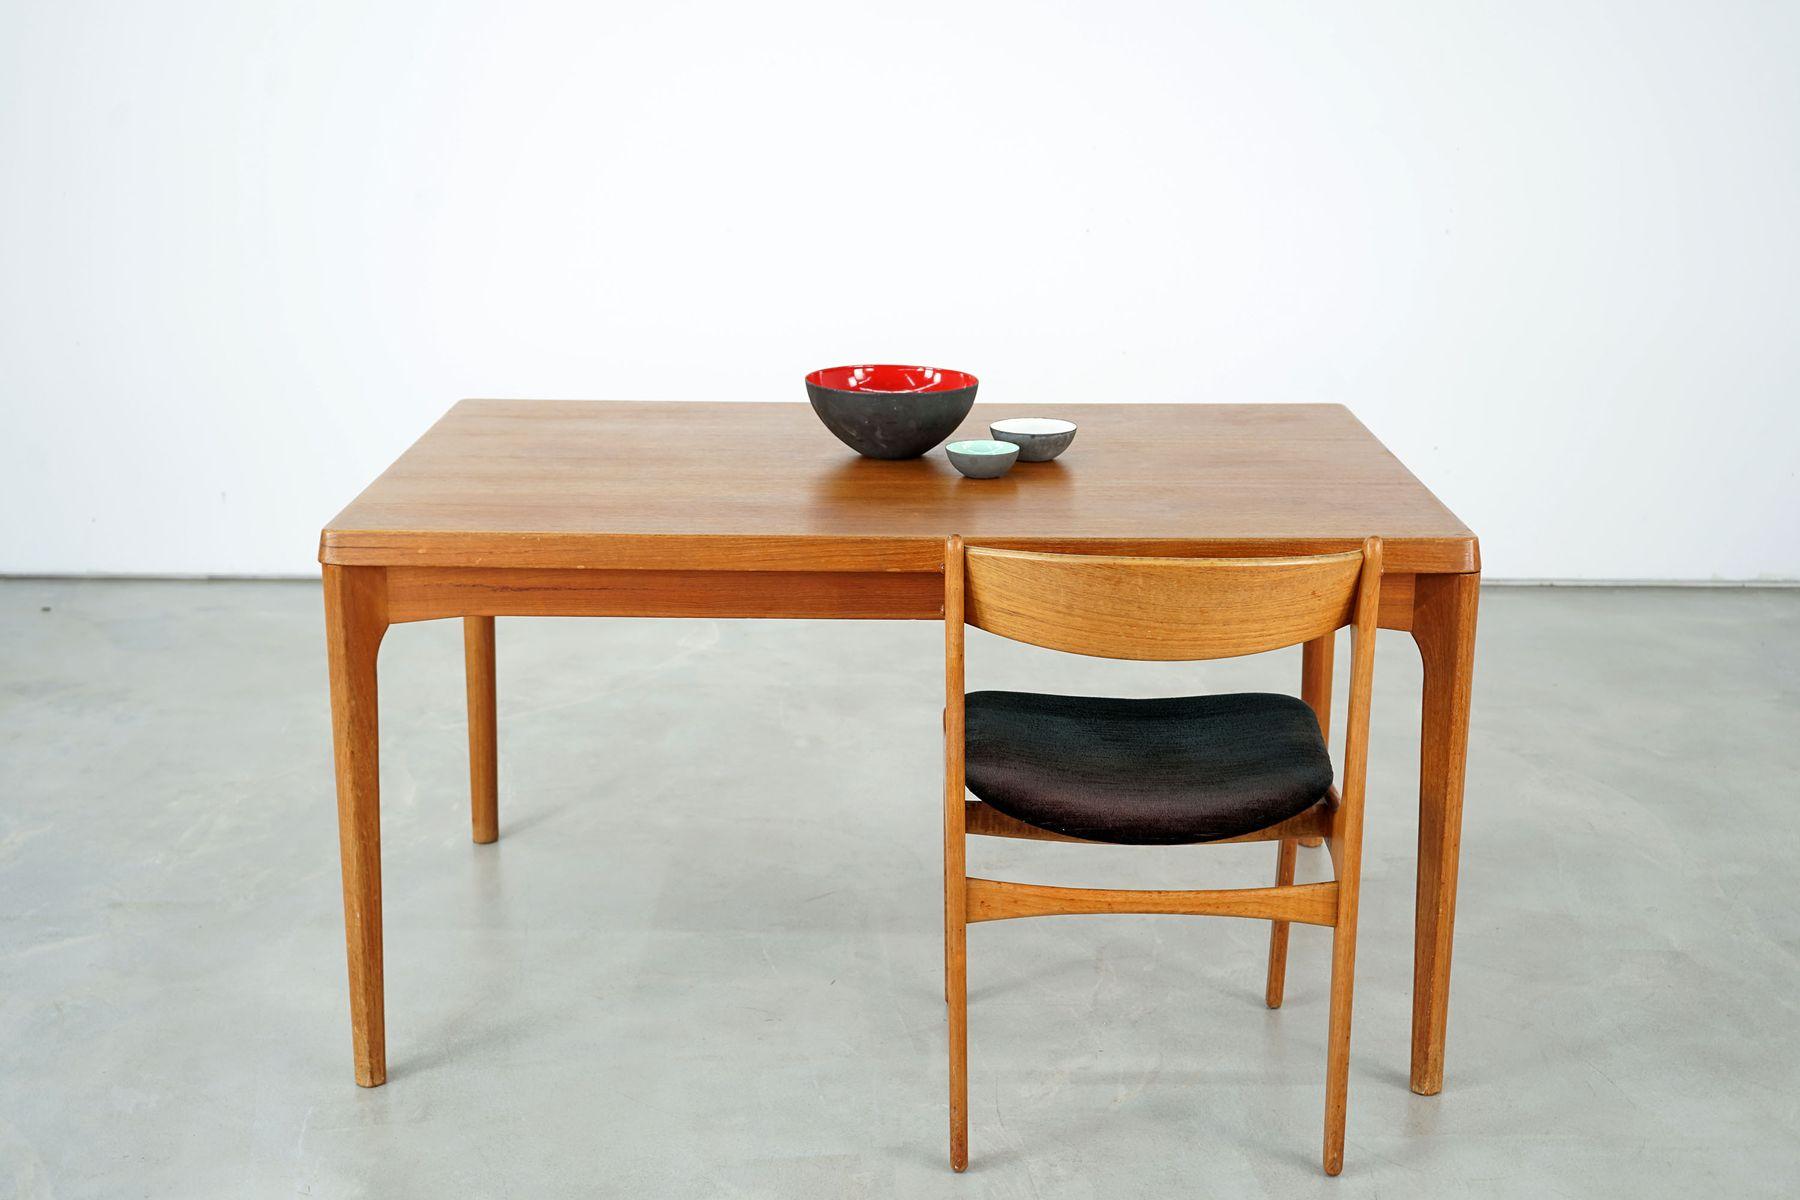 gro er runder esstisch gro er runder esstisch aus der zeit um 1900 02315 gro er runder. Black Bedroom Furniture Sets. Home Design Ideas